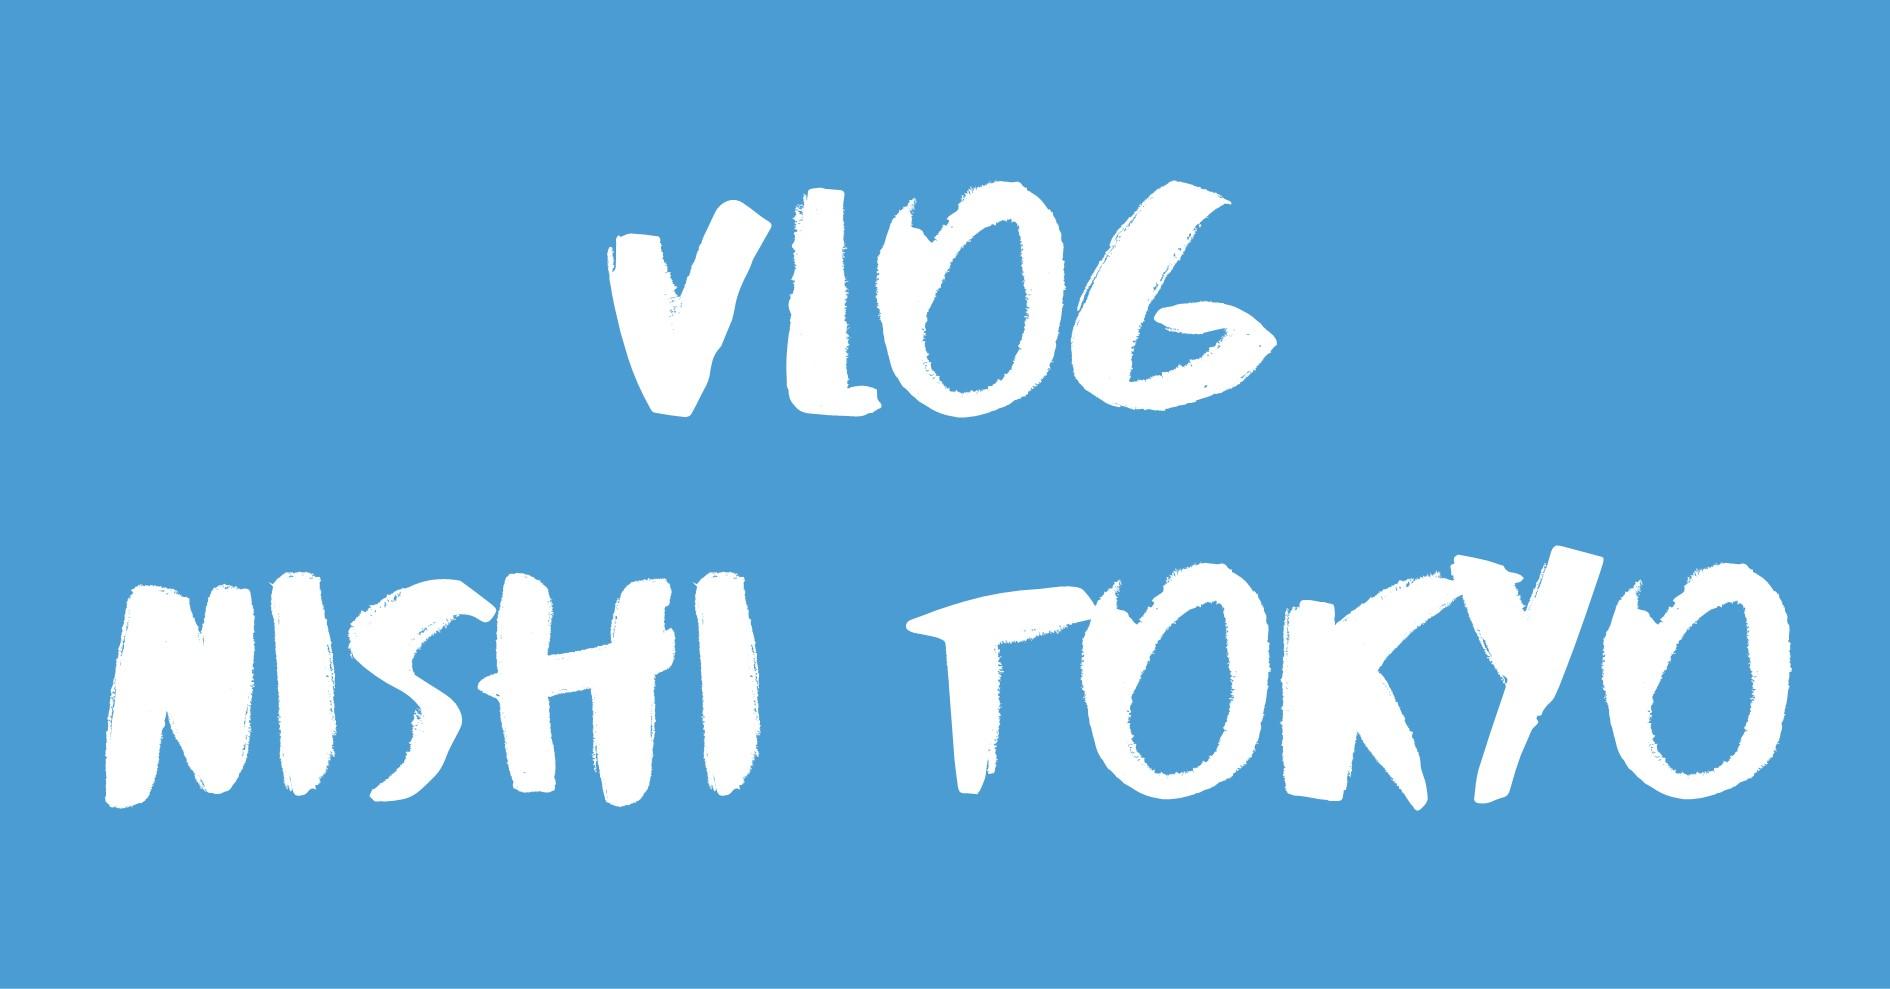 [Vlog] 西東京市周辺エリア / Nishi Tokyo